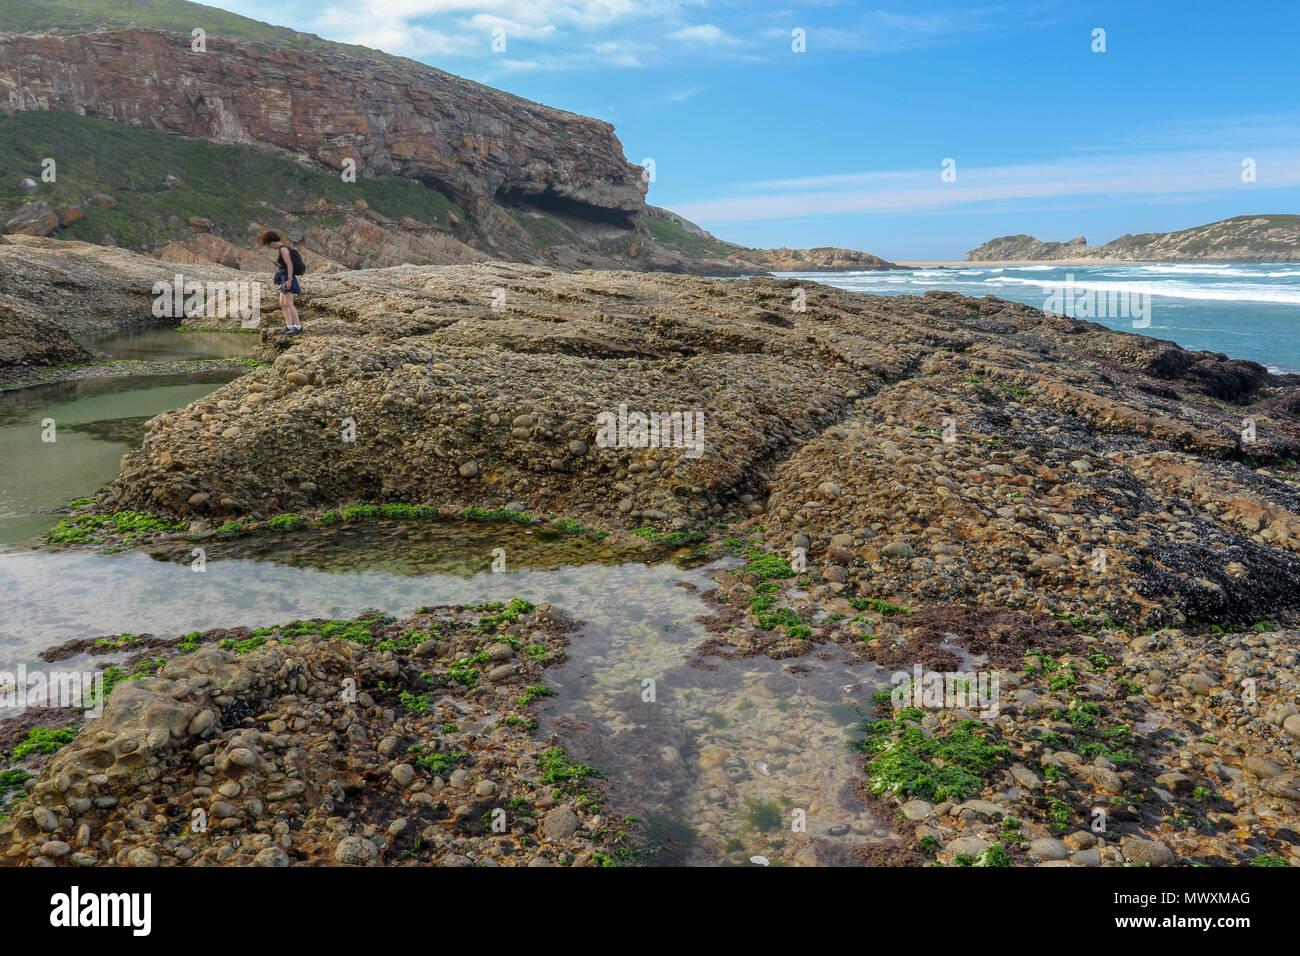 La réserve naturelle de Robberg, garden route, le Cap, Afrique du Sud Photo Stock